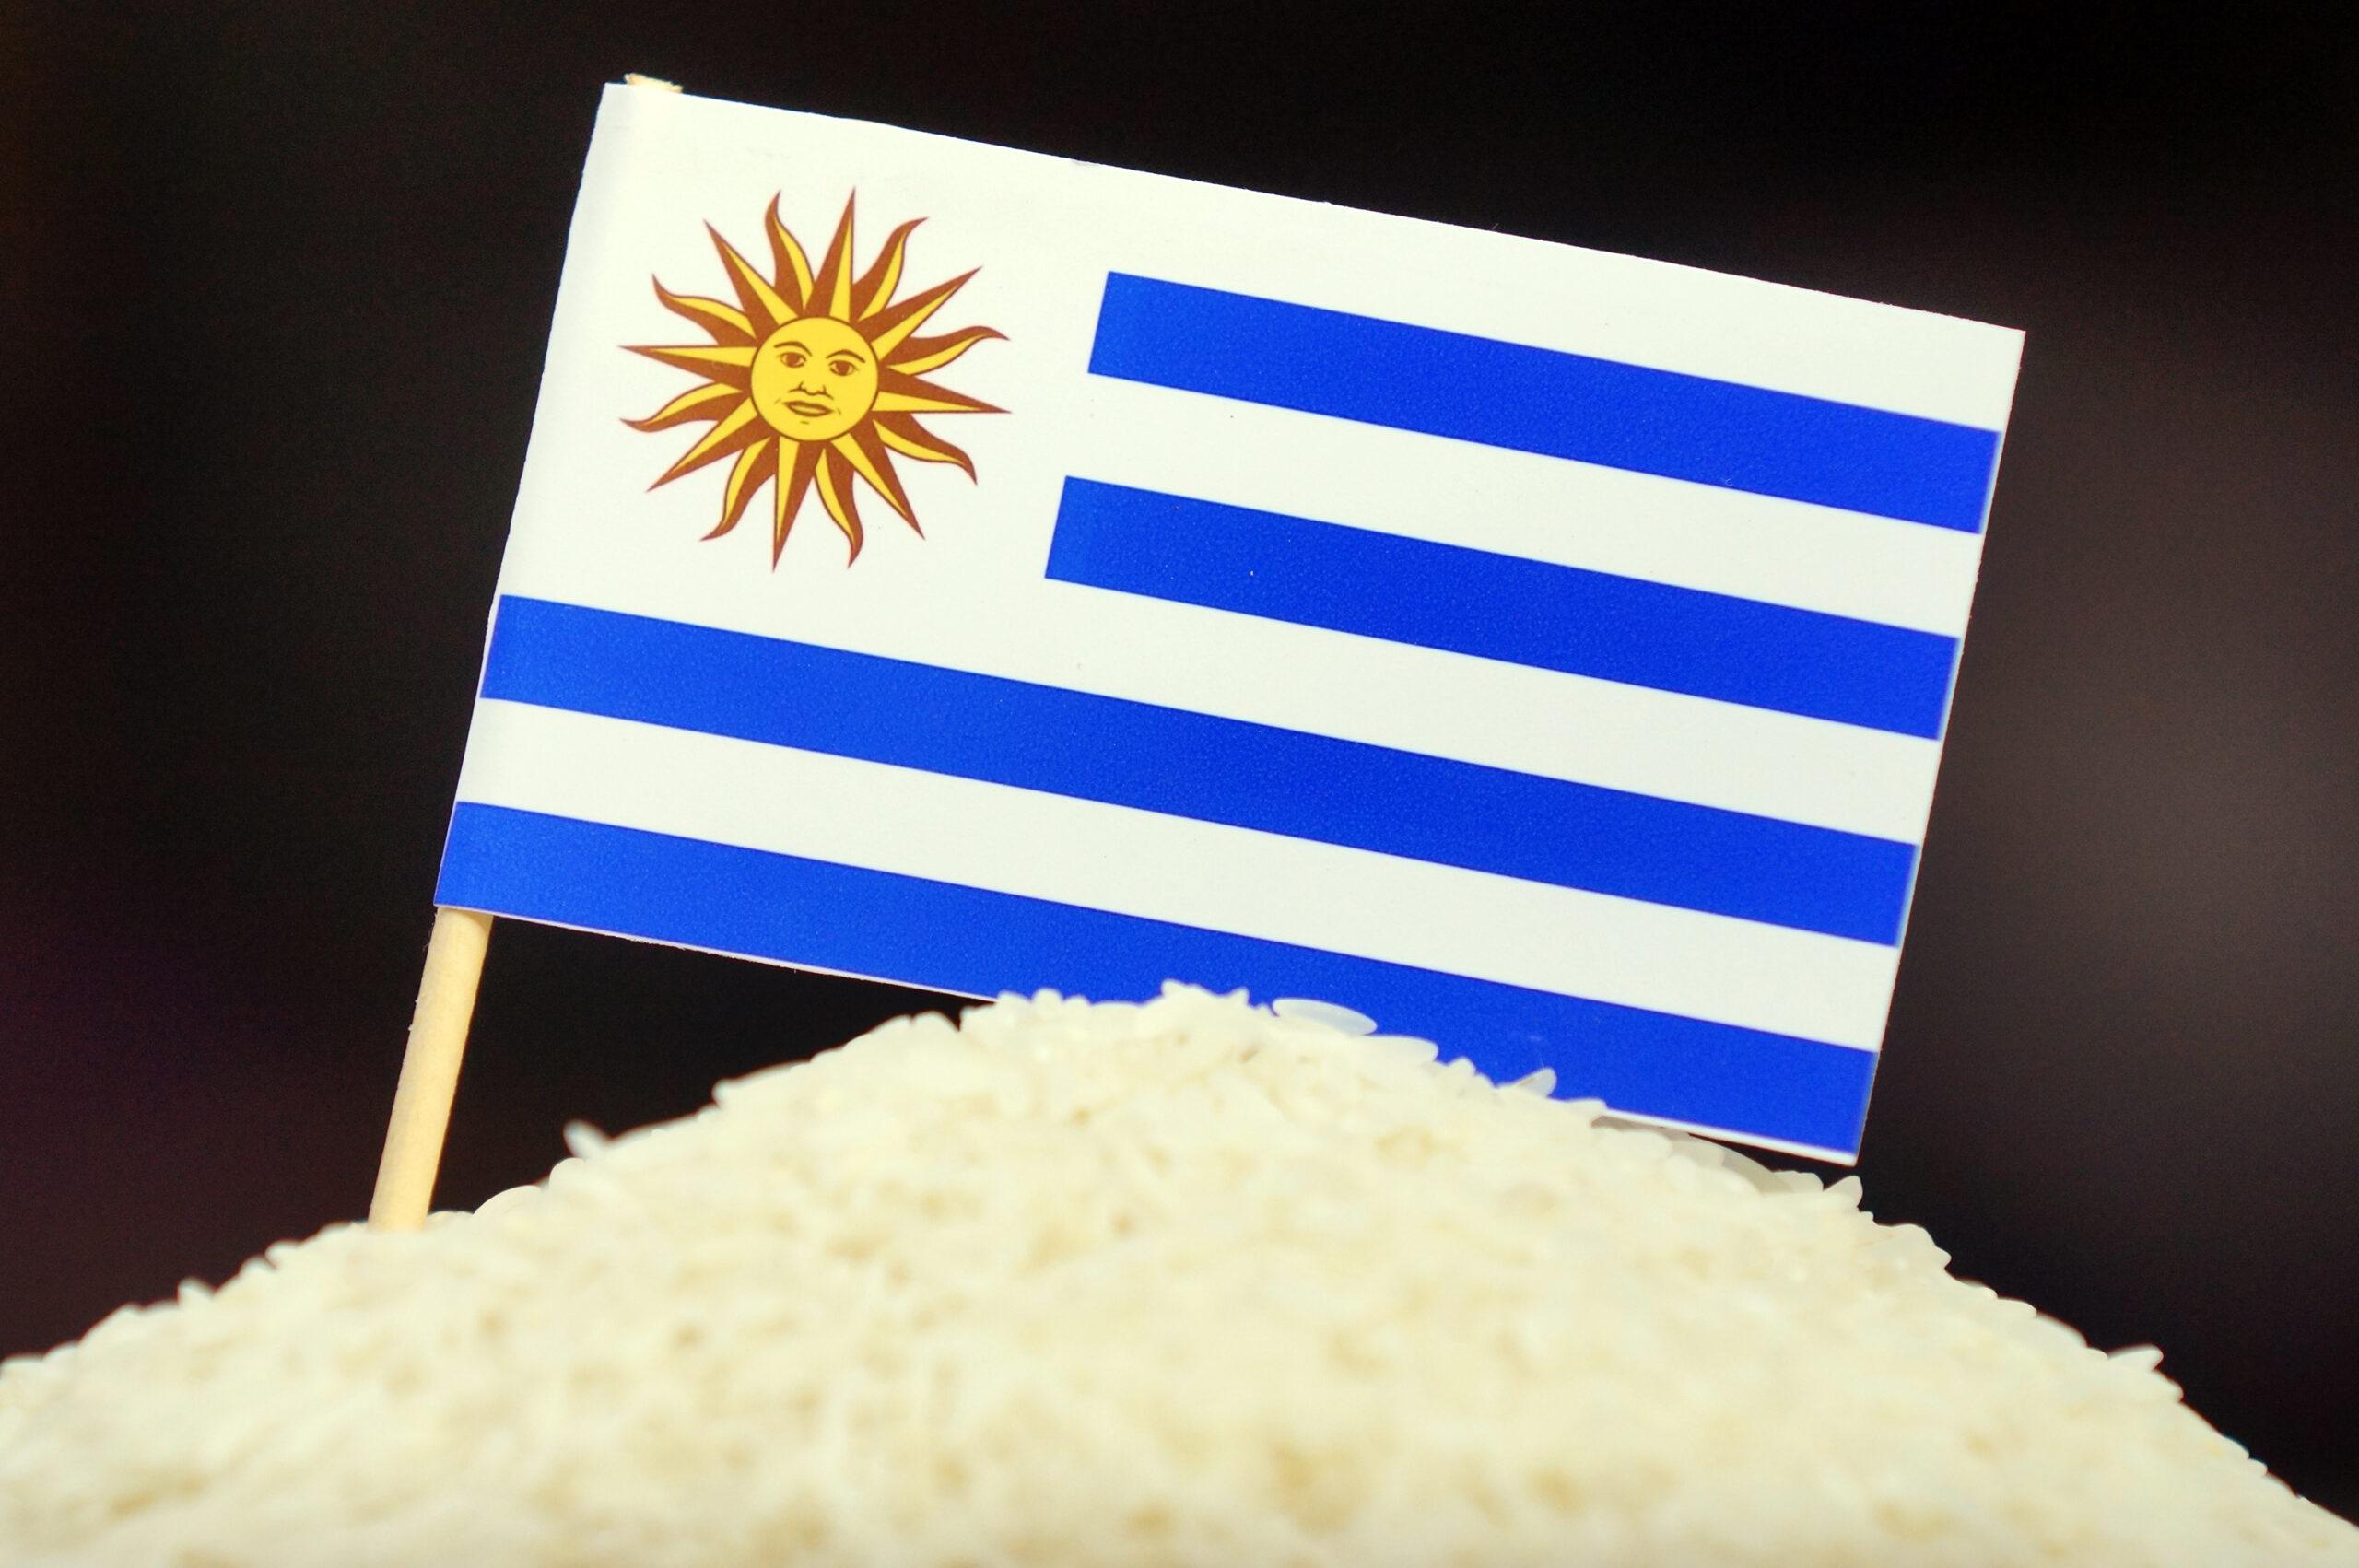 Arroz uruguaio: referência de qualidade internacional. FOTO: Marcus Tatsch/Planeta Arroz